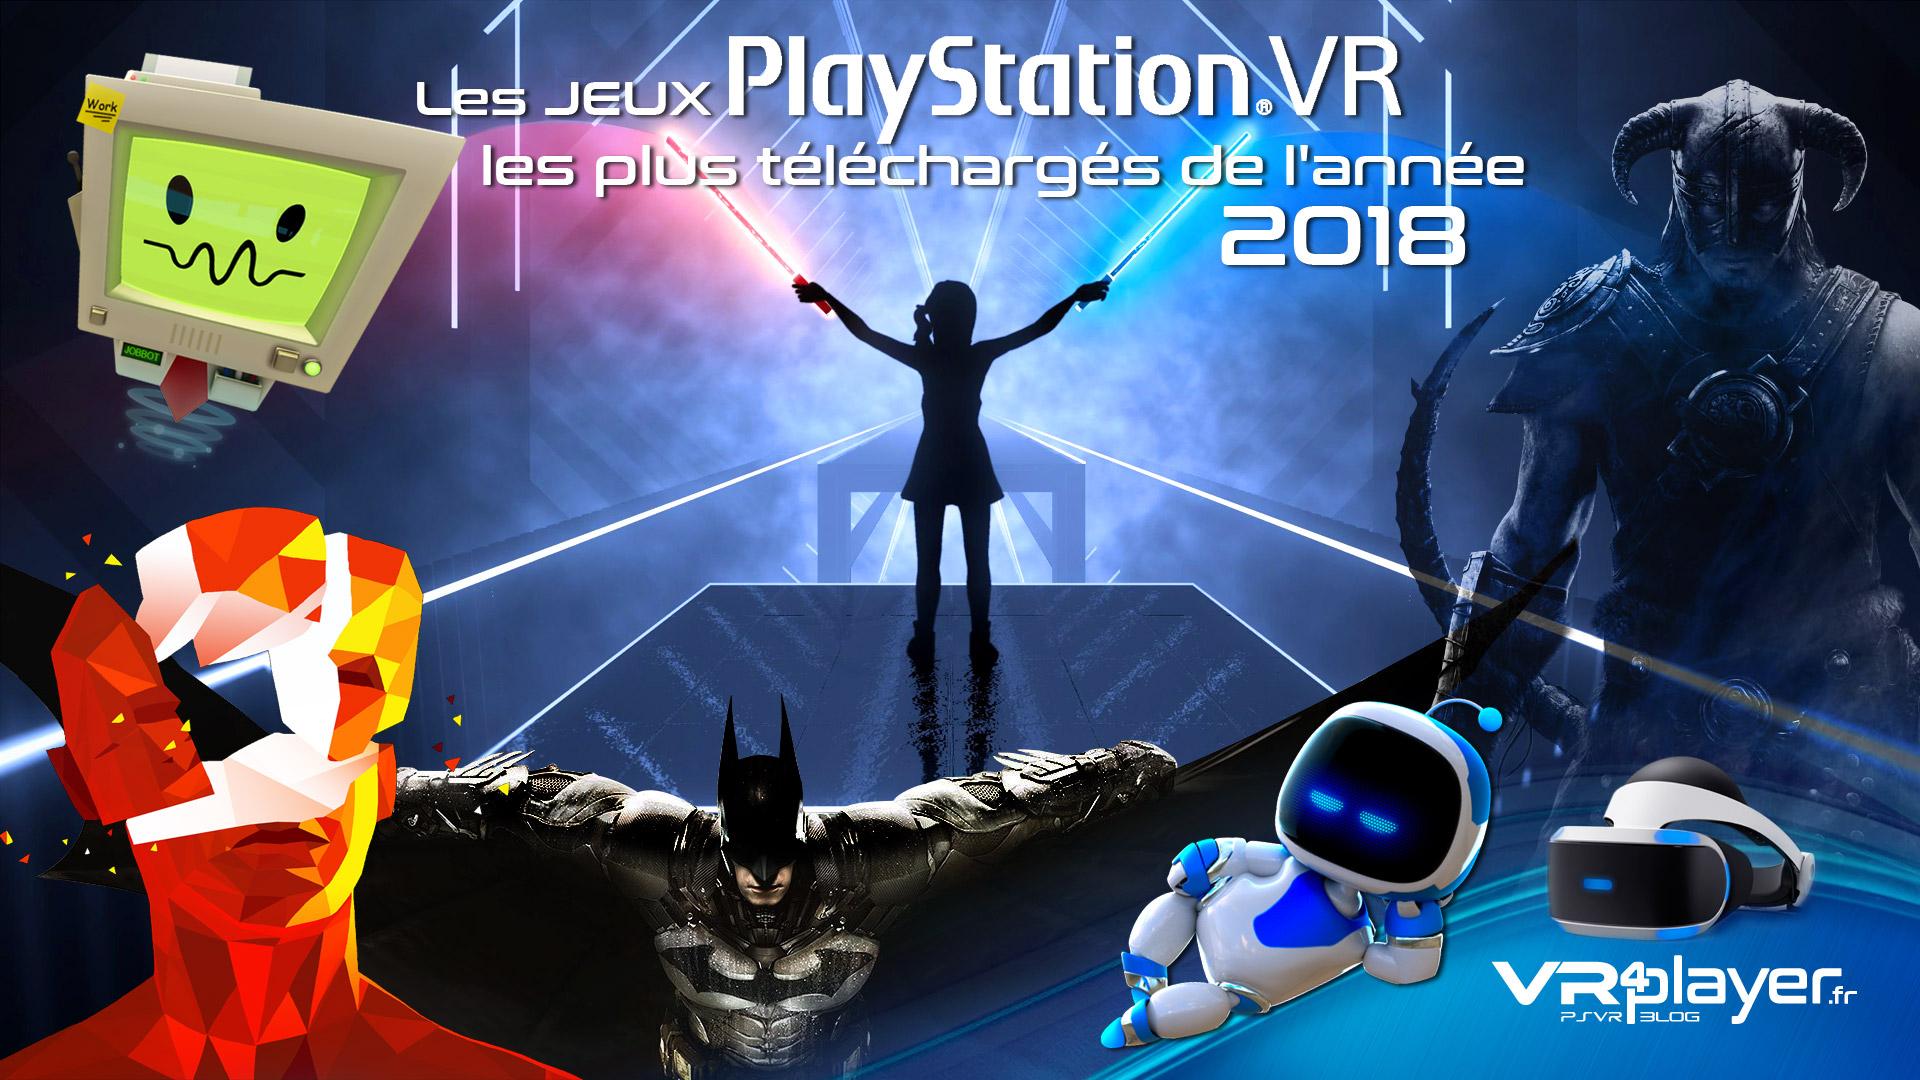 Les jeux PSVR les plus téléchargés de 2018 - vr4player.fr